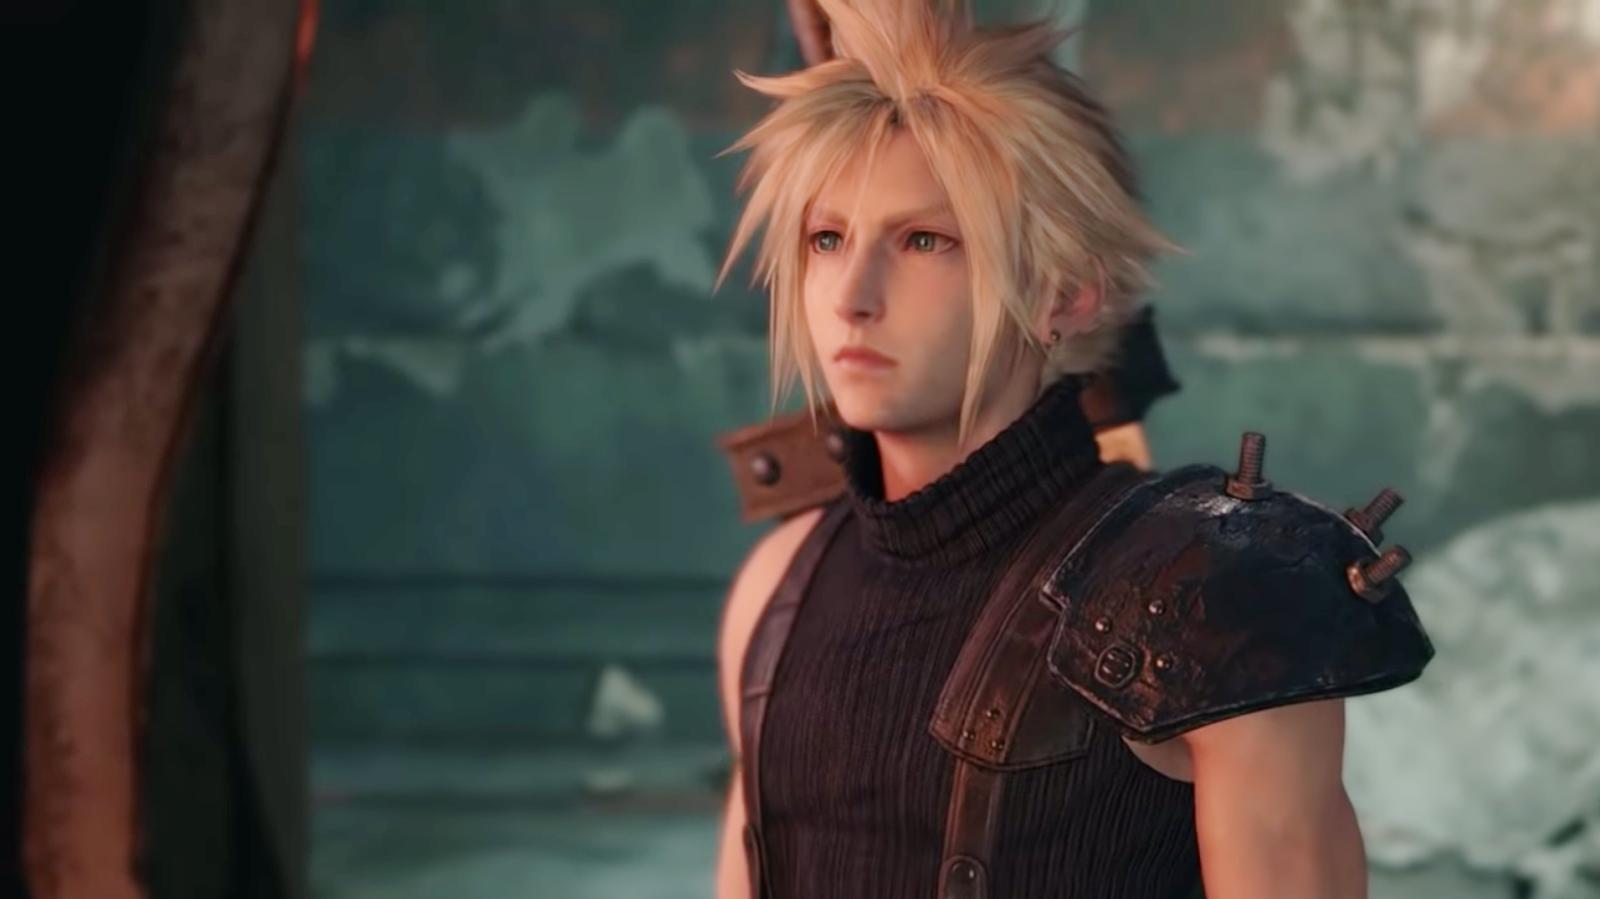 Final Fantasy 7 Remake R1bkaujcmad6bpbtjxih